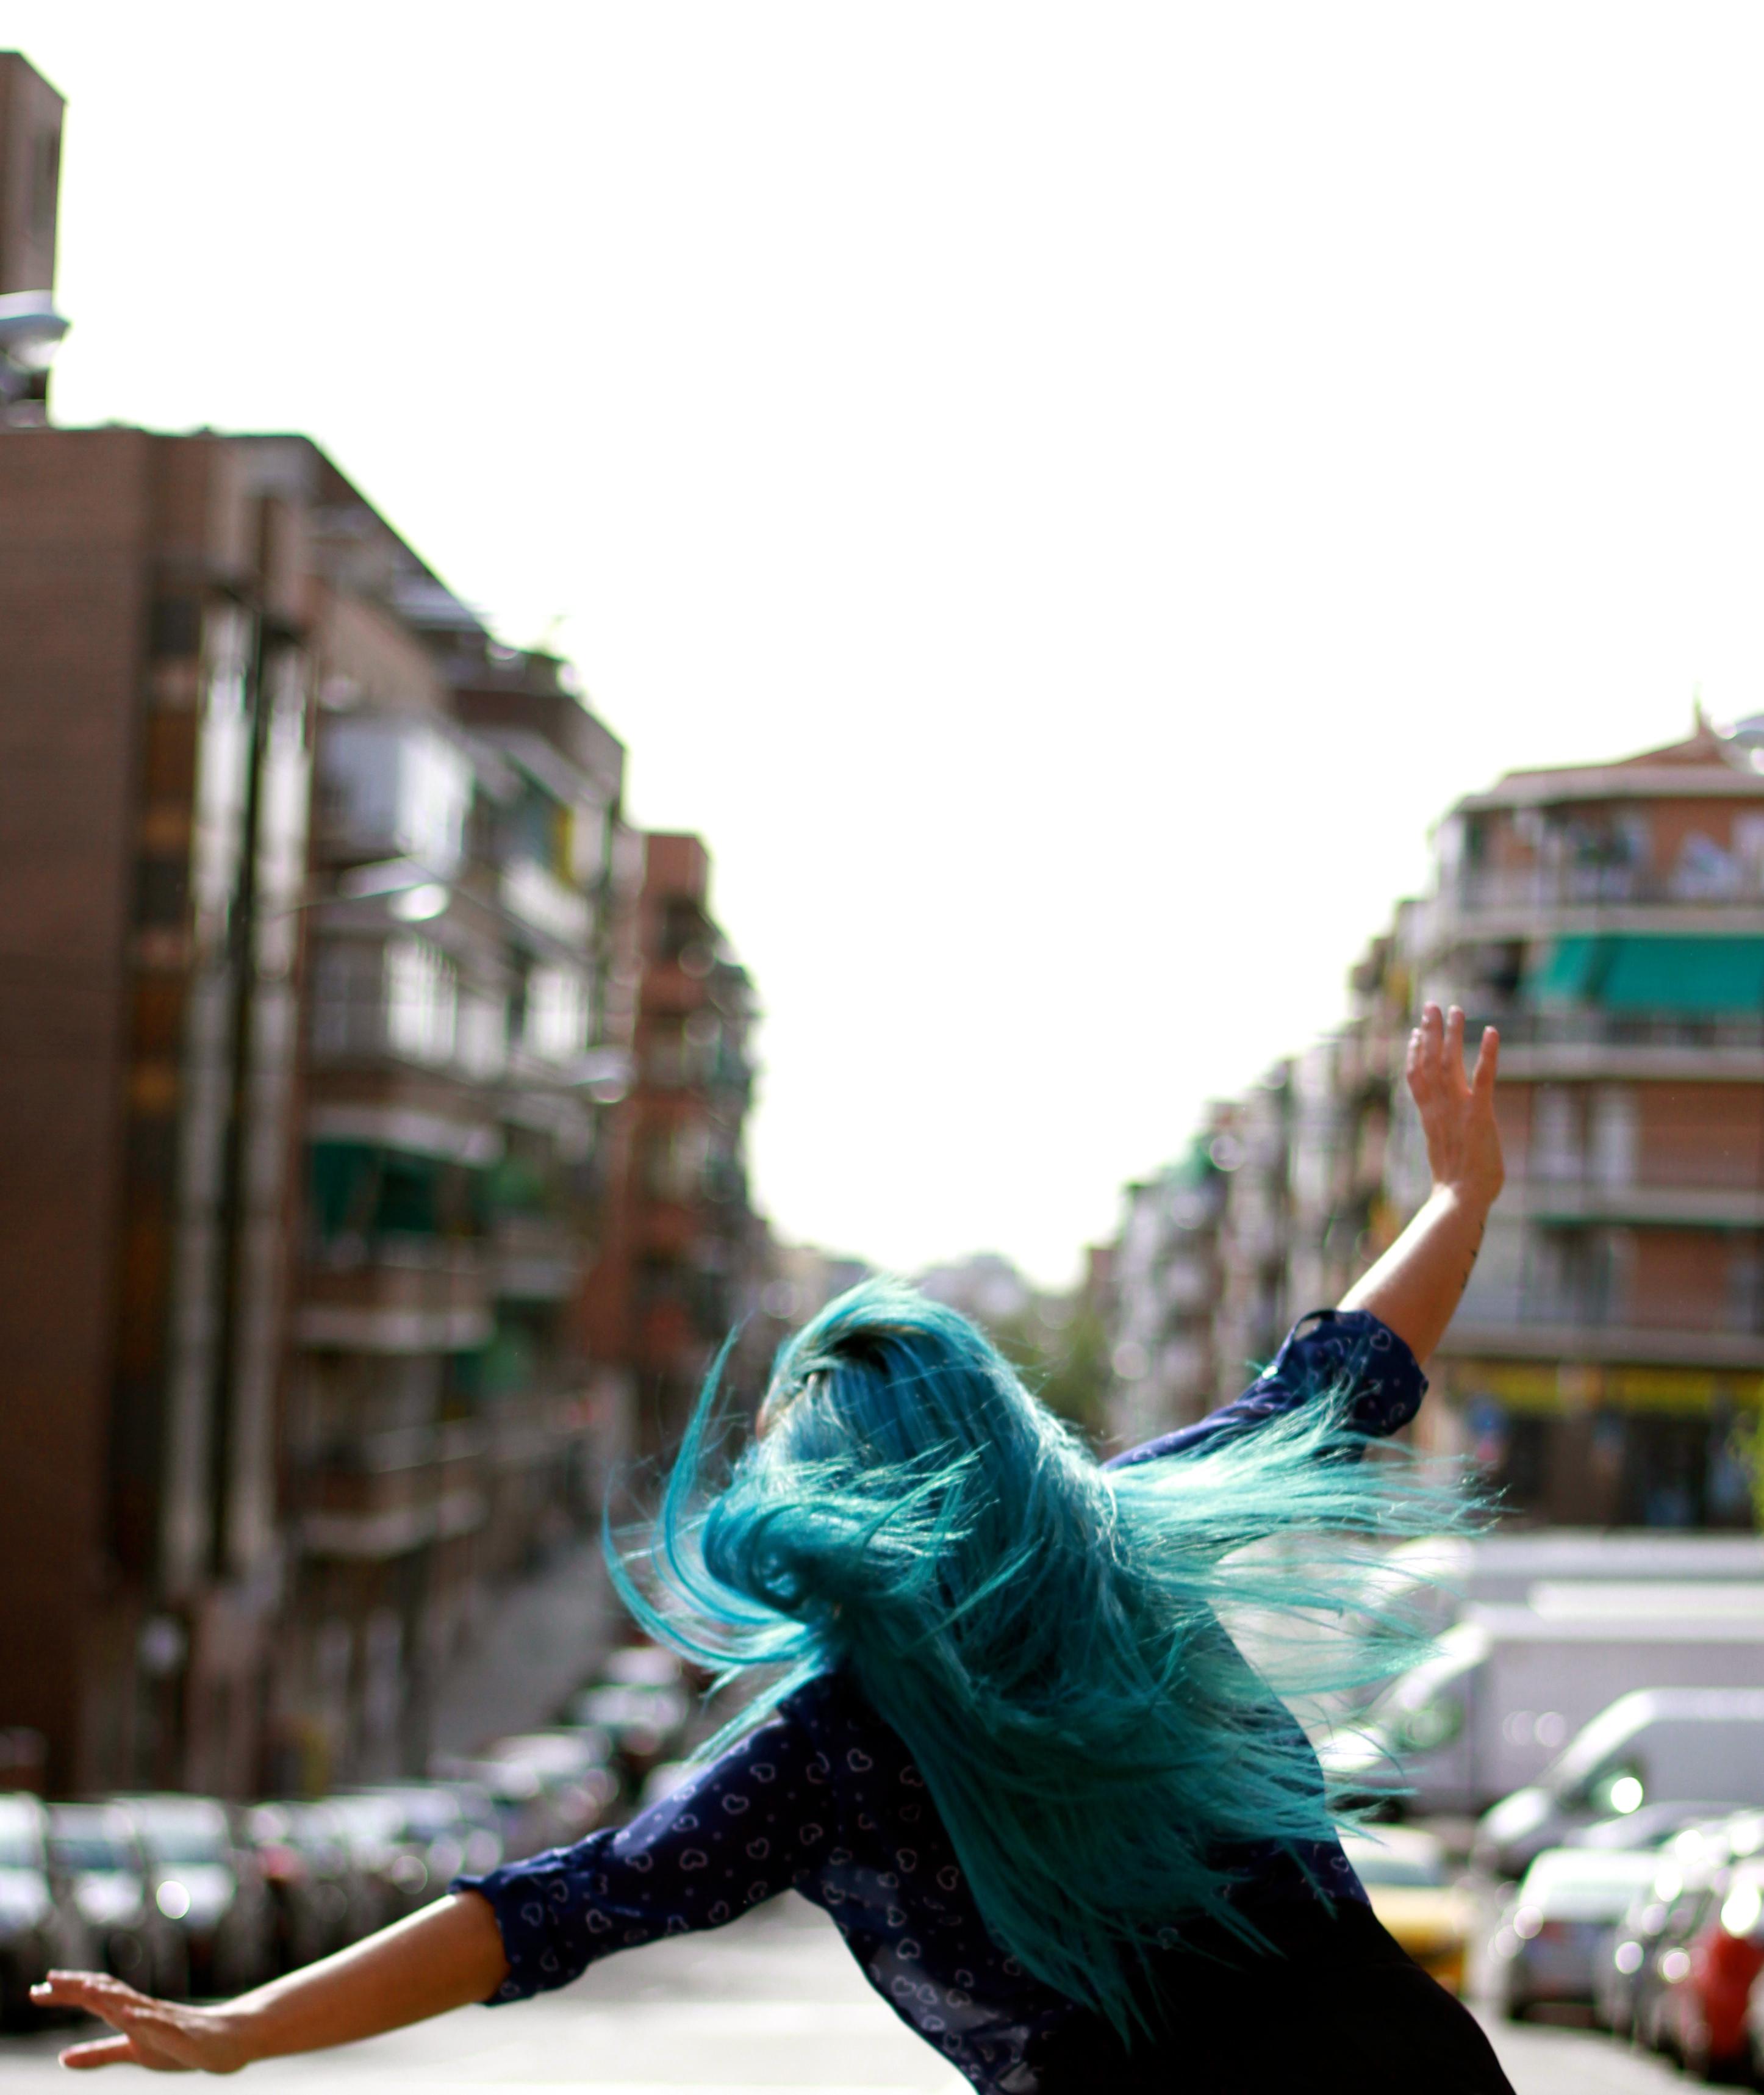 Fotografía: Luiscar Cuevas